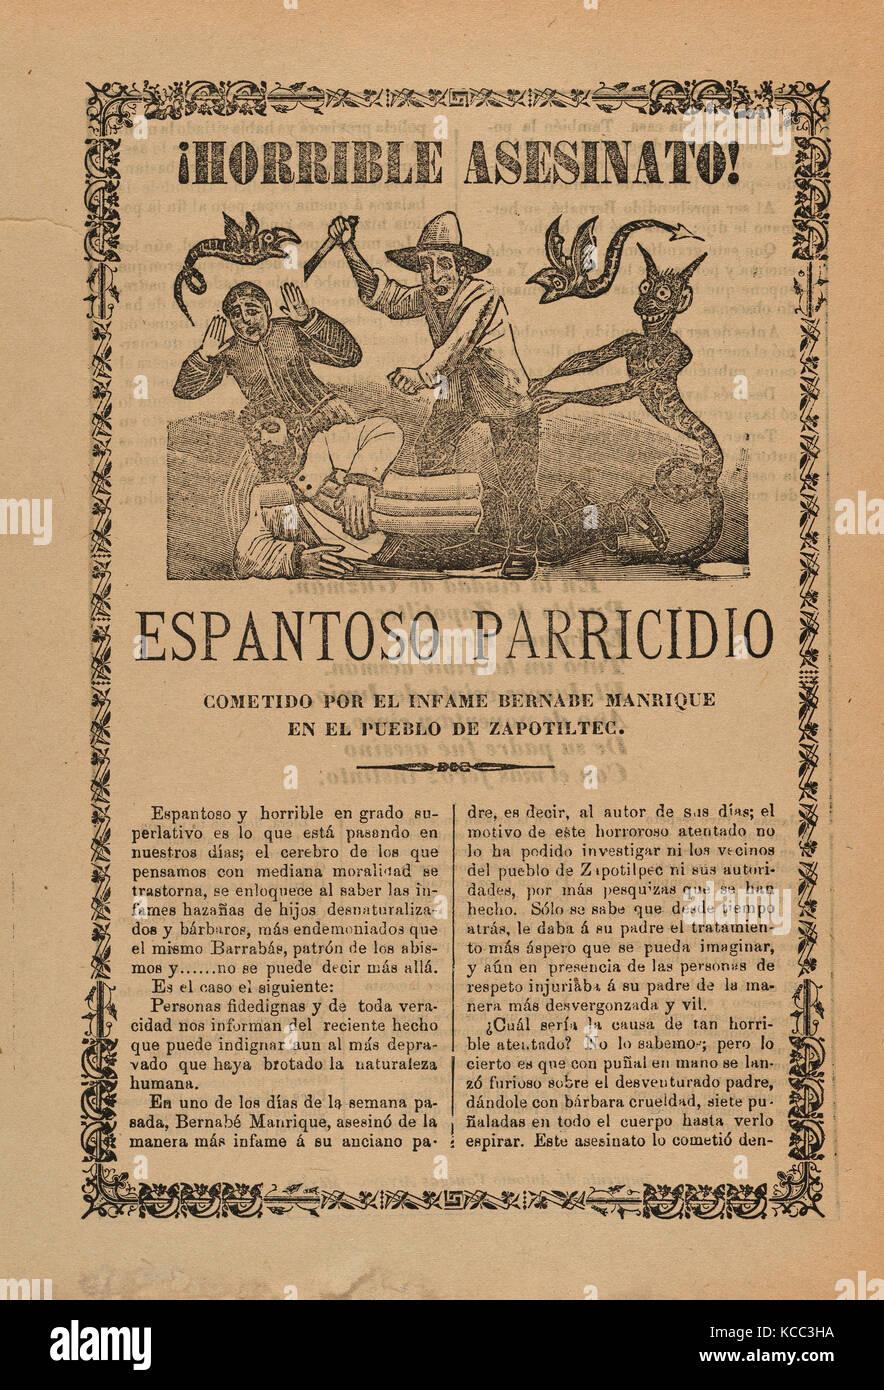 Sábana relativas al horrible asesinato cometido por Bernabé Manrique en la ciudad de Zapotiltec, José Imagen De Stock